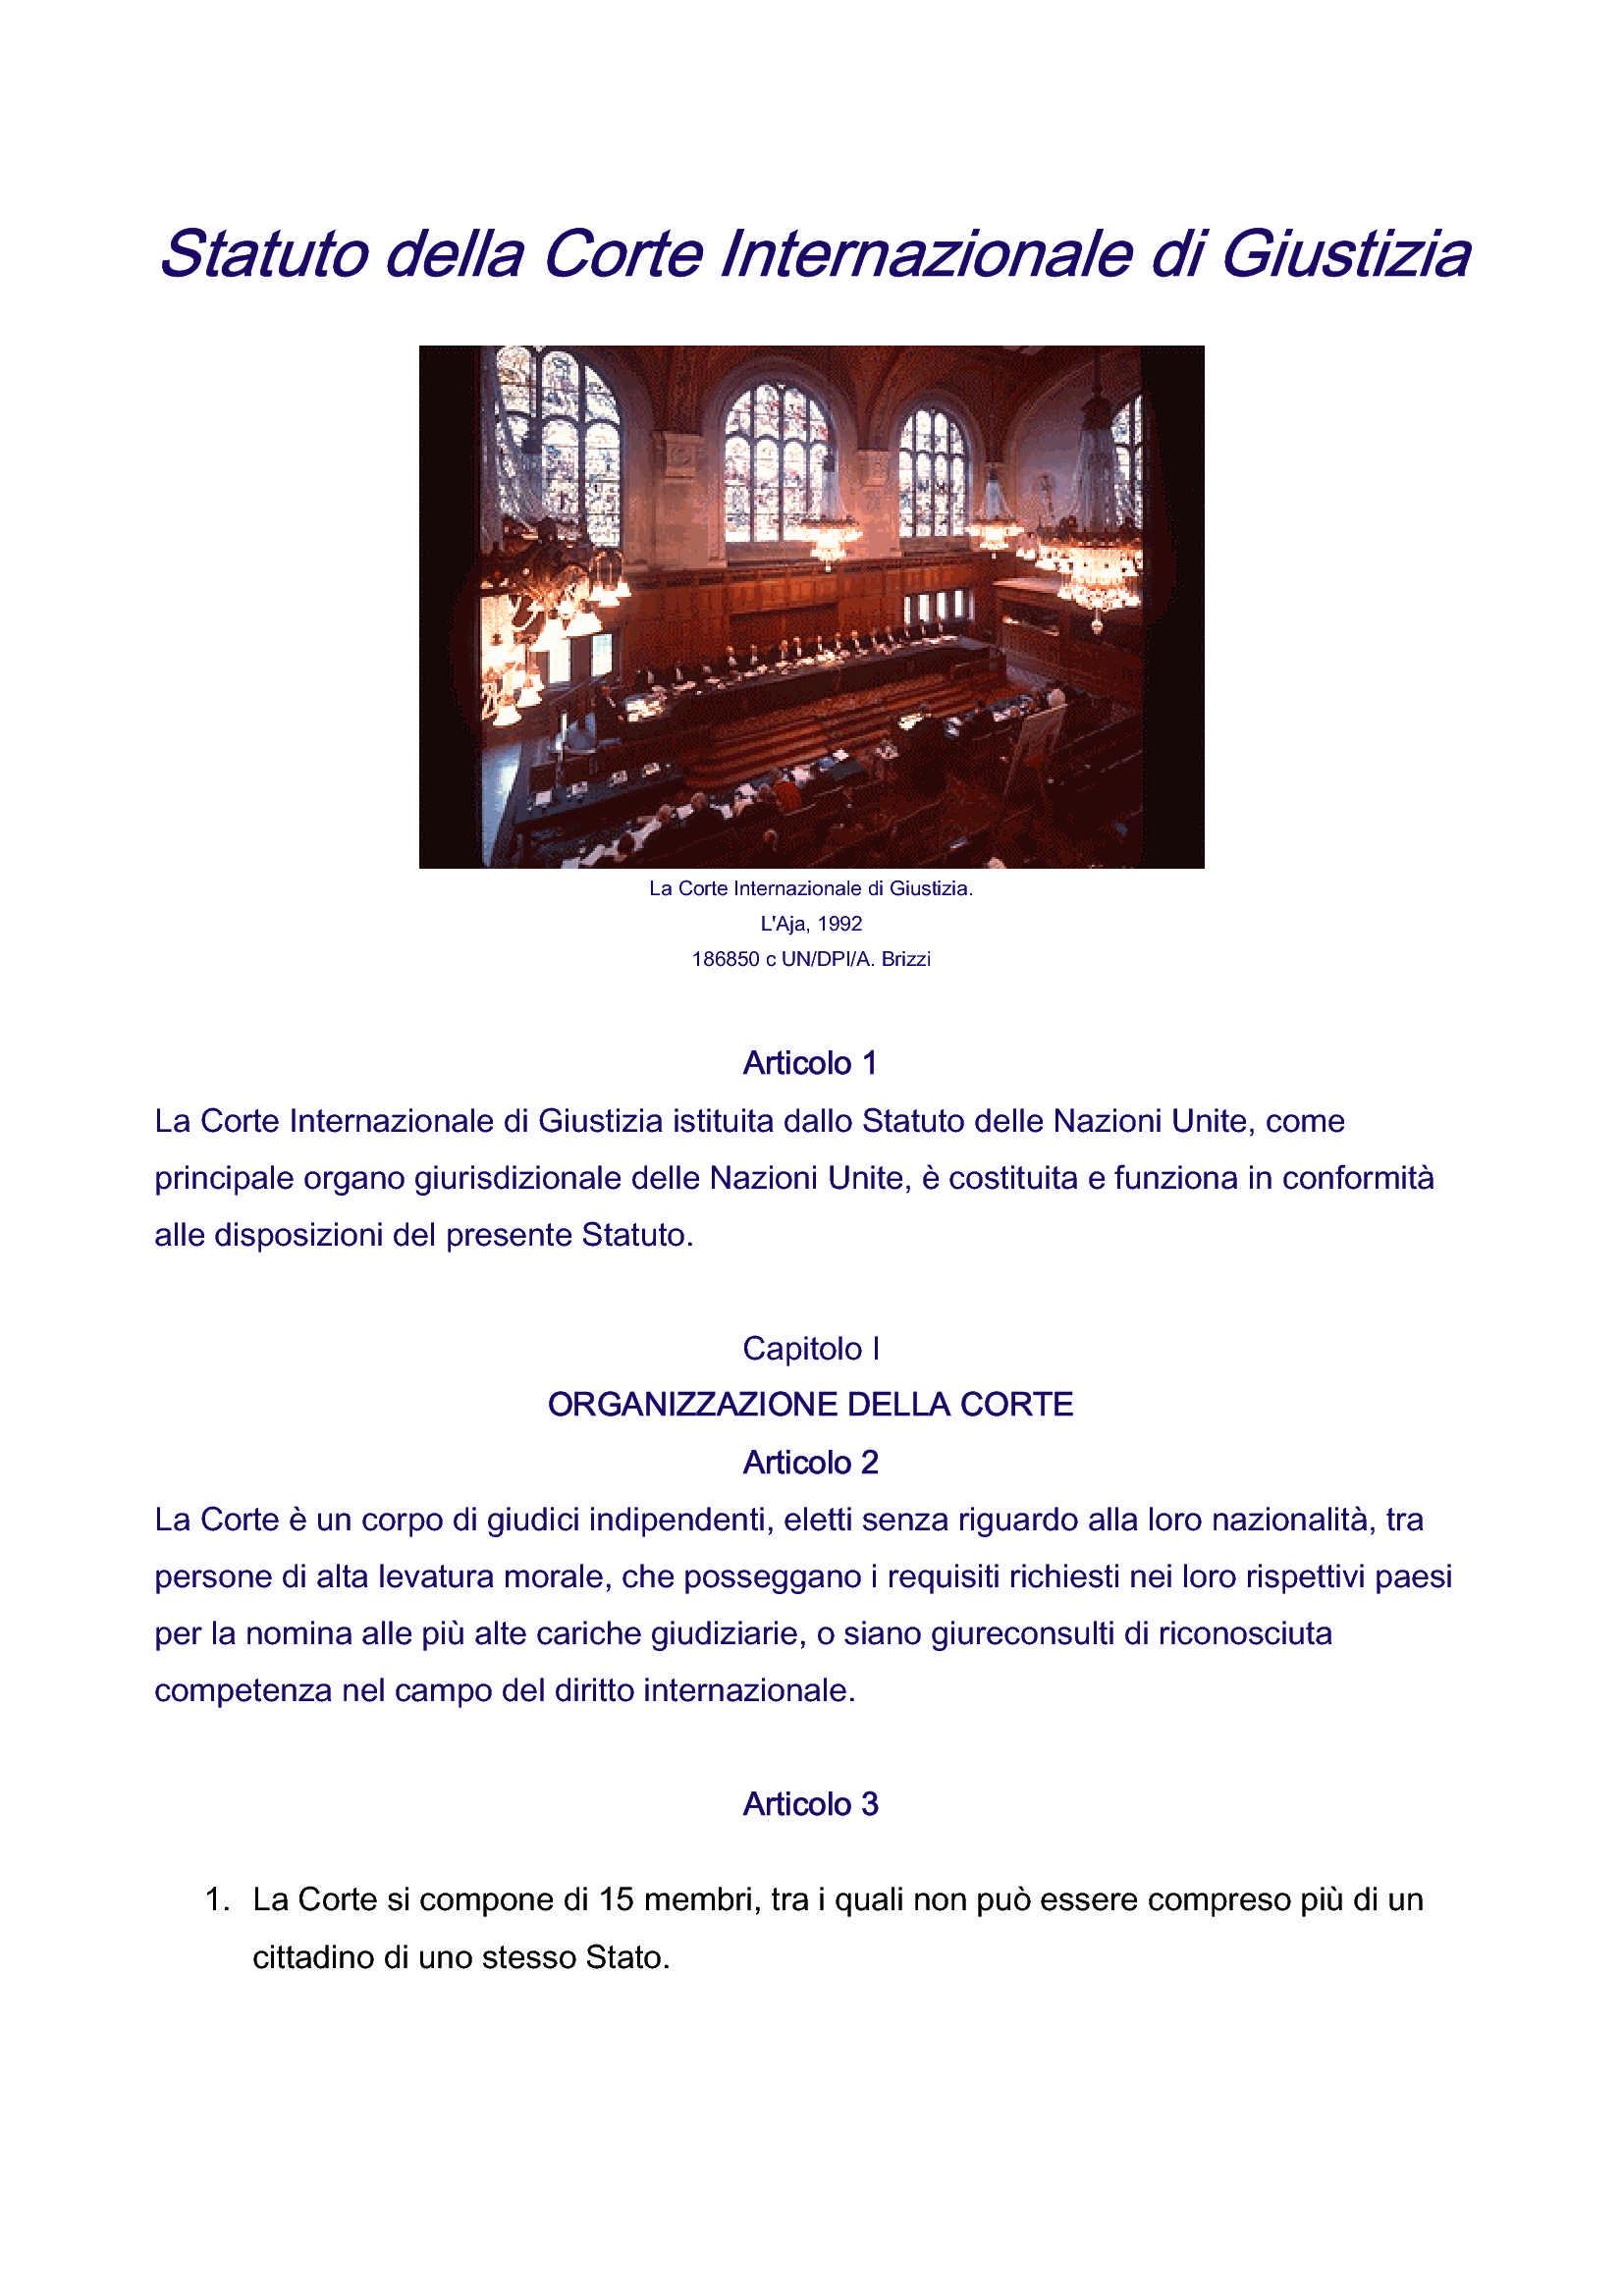 Corte Internazionale di Giustizia - Statuto